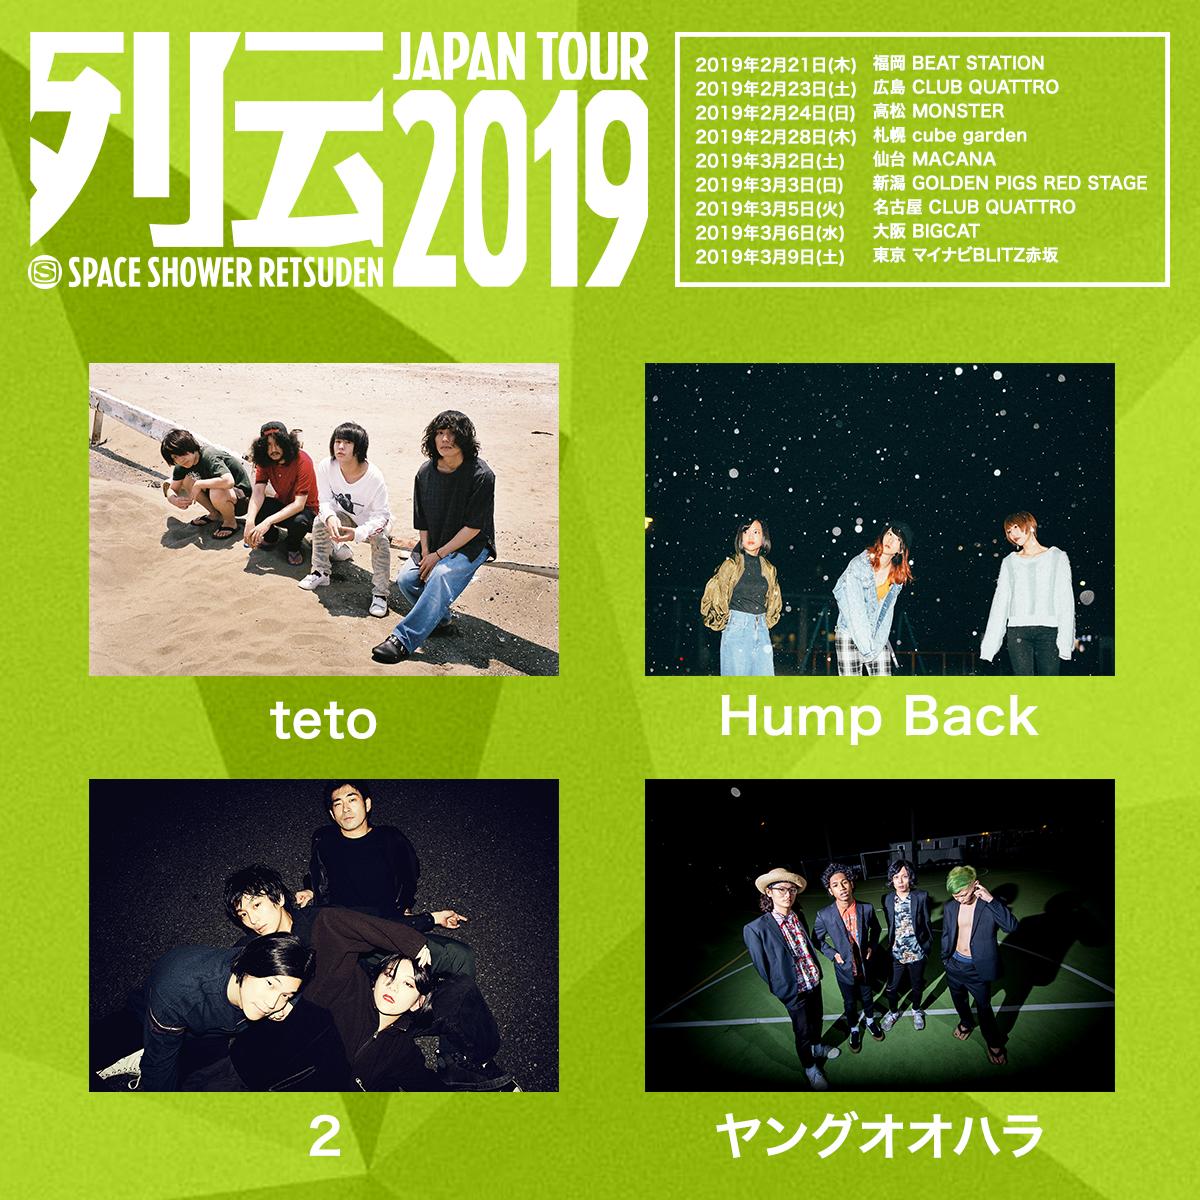 tour_2019_instgram_full